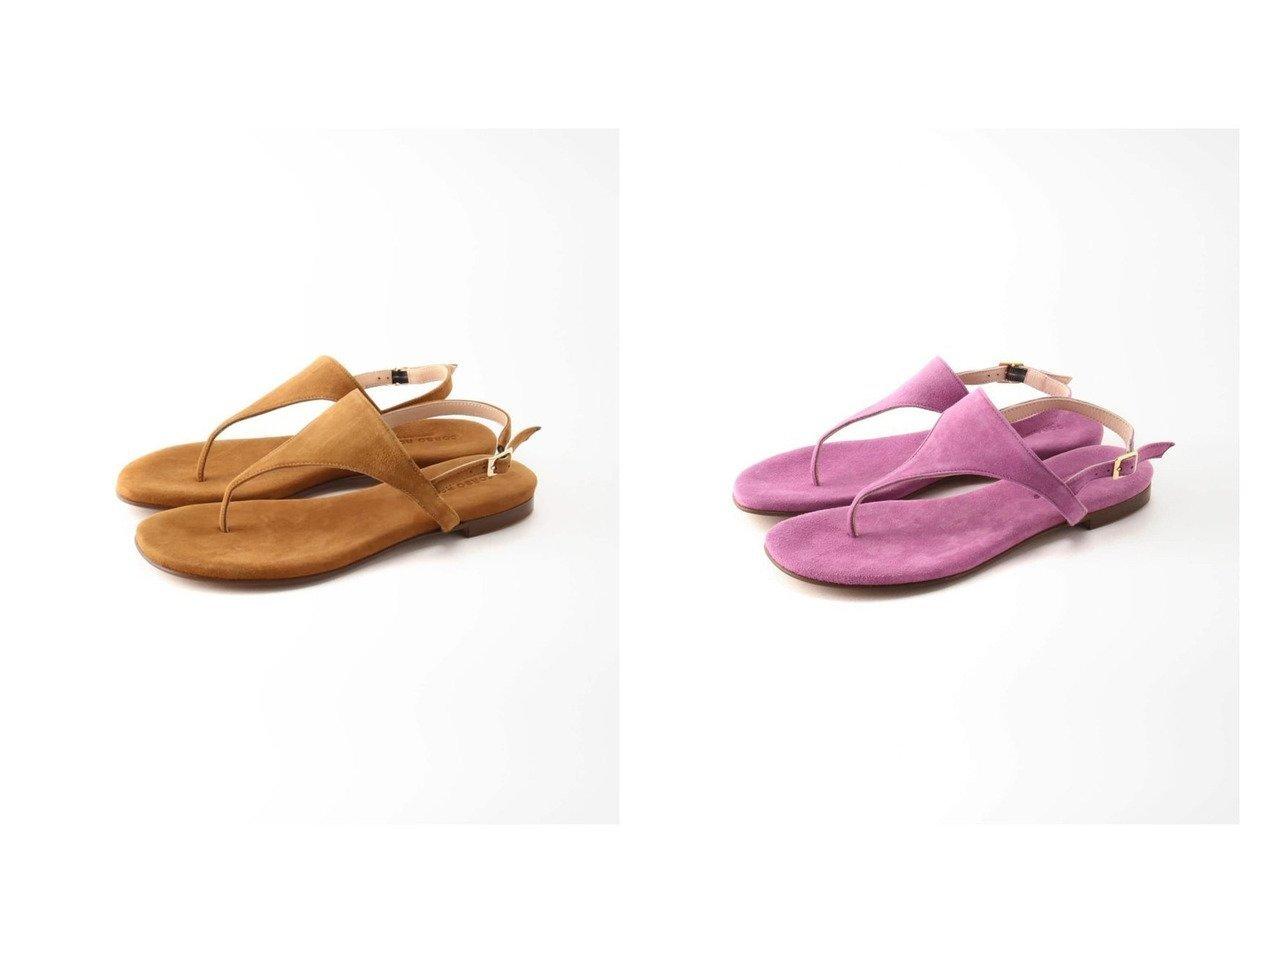 【IENA/イエナ】の【コルソローマ】スエードサンダル 【シューズ・靴】おすすめ!人気、トレンド・レディースファッションの通販 おすすめで人気の流行・トレンド、ファッションの通販商品 メンズファッション・キッズファッション・インテリア・家具・レディースファッション・服の通販 founy(ファニー) https://founy.com/ ファッション Fashion レディースファッション WOMEN NEW・新作・新着・新入荷 New Arrivals 2021年 2021 2021春夏・S/S SS/Spring/Summer/2021 S/S・春夏 SS・Spring/Summer イタリア コレクション サンダル シューズ スエード ミュール |ID:crp329100000039536